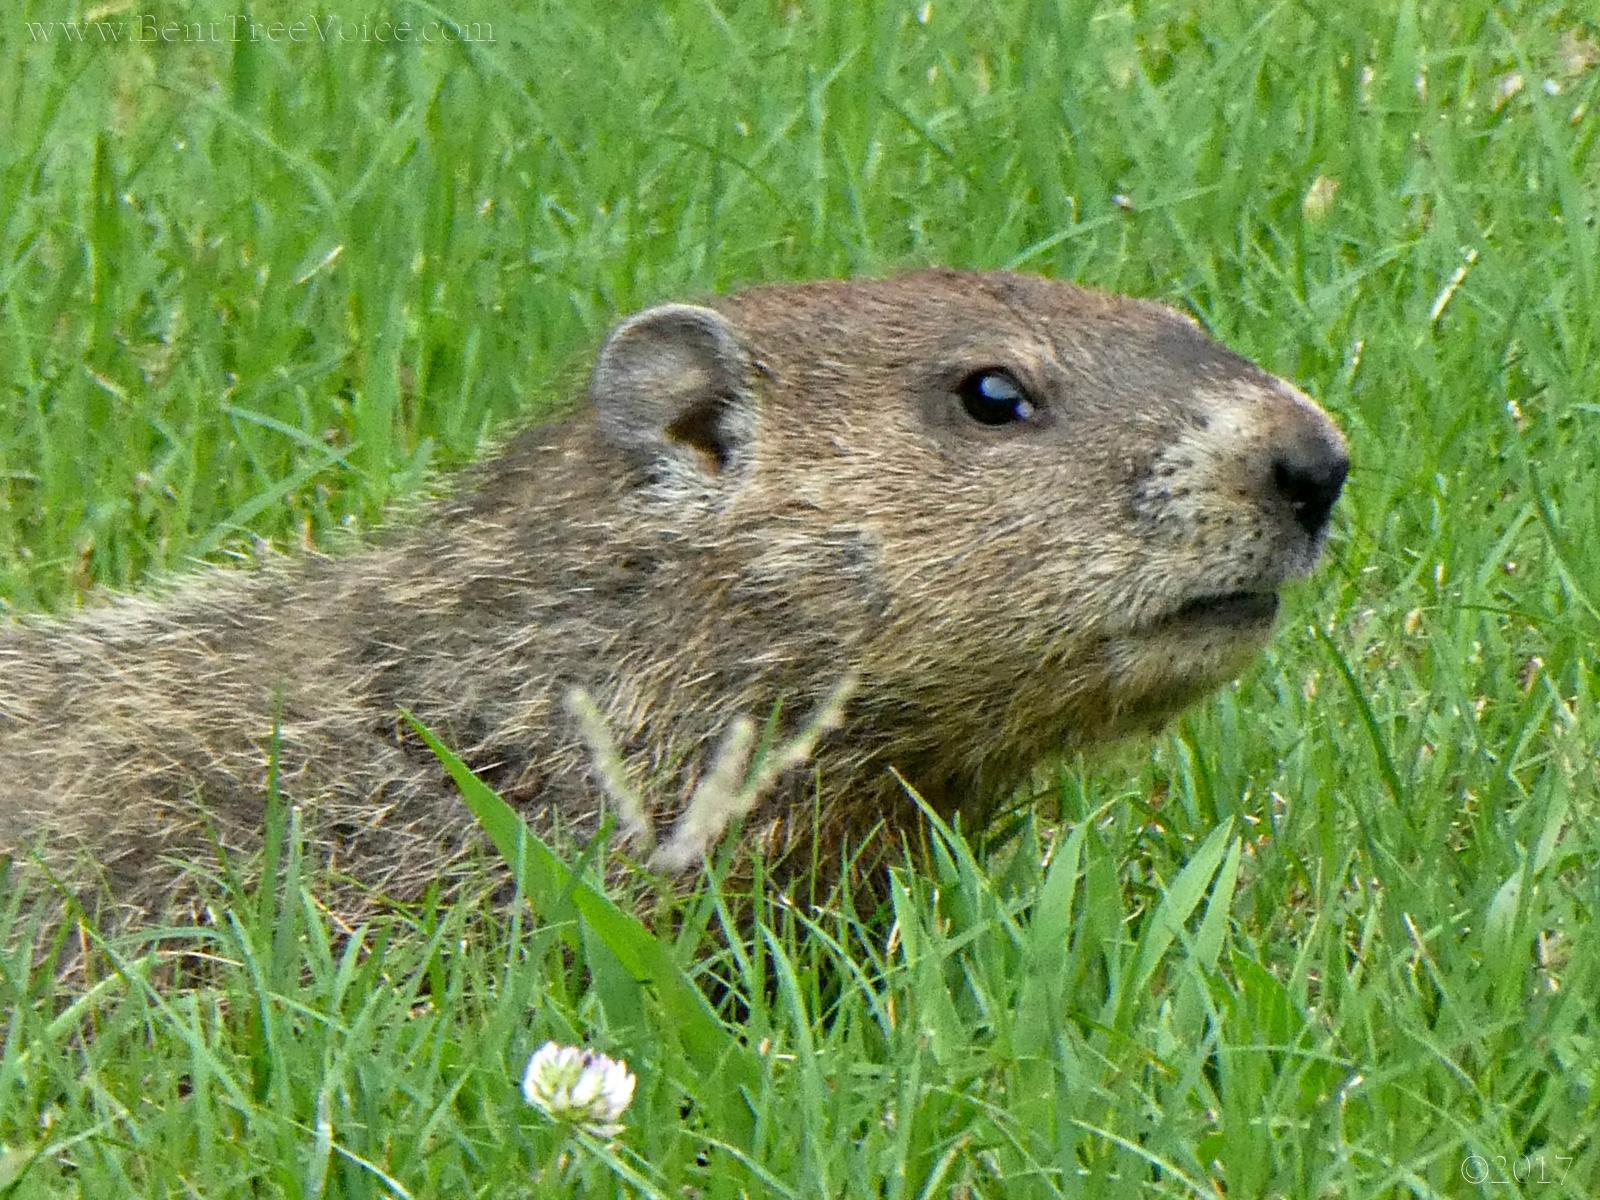 July 24, 2017 - Groundhog in Bent Tree